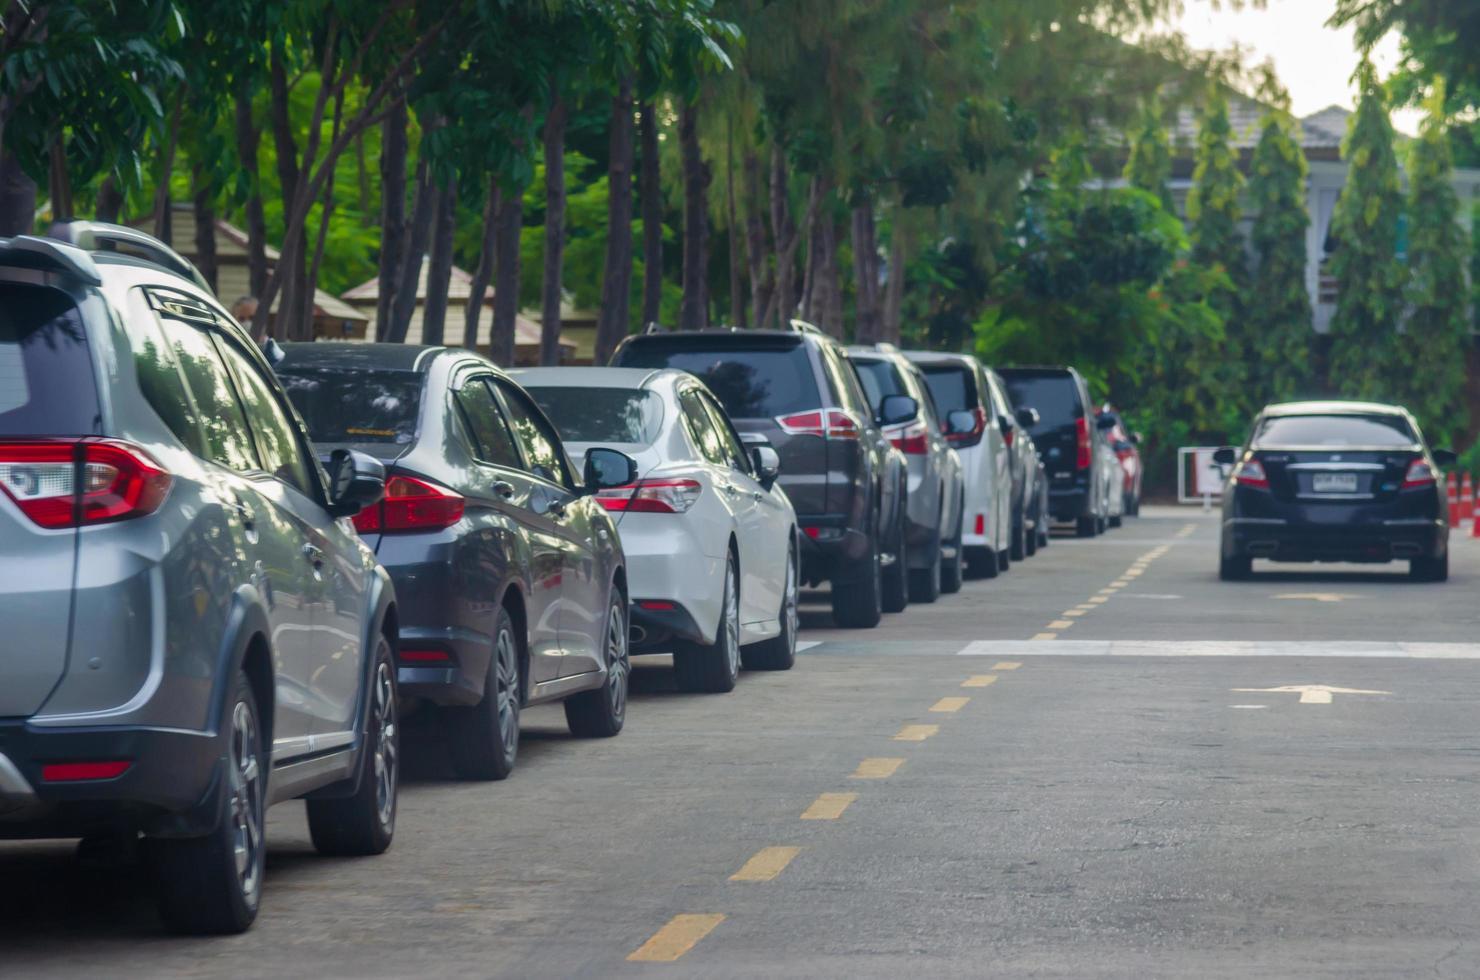 voitures garées sur le bord de la route photo